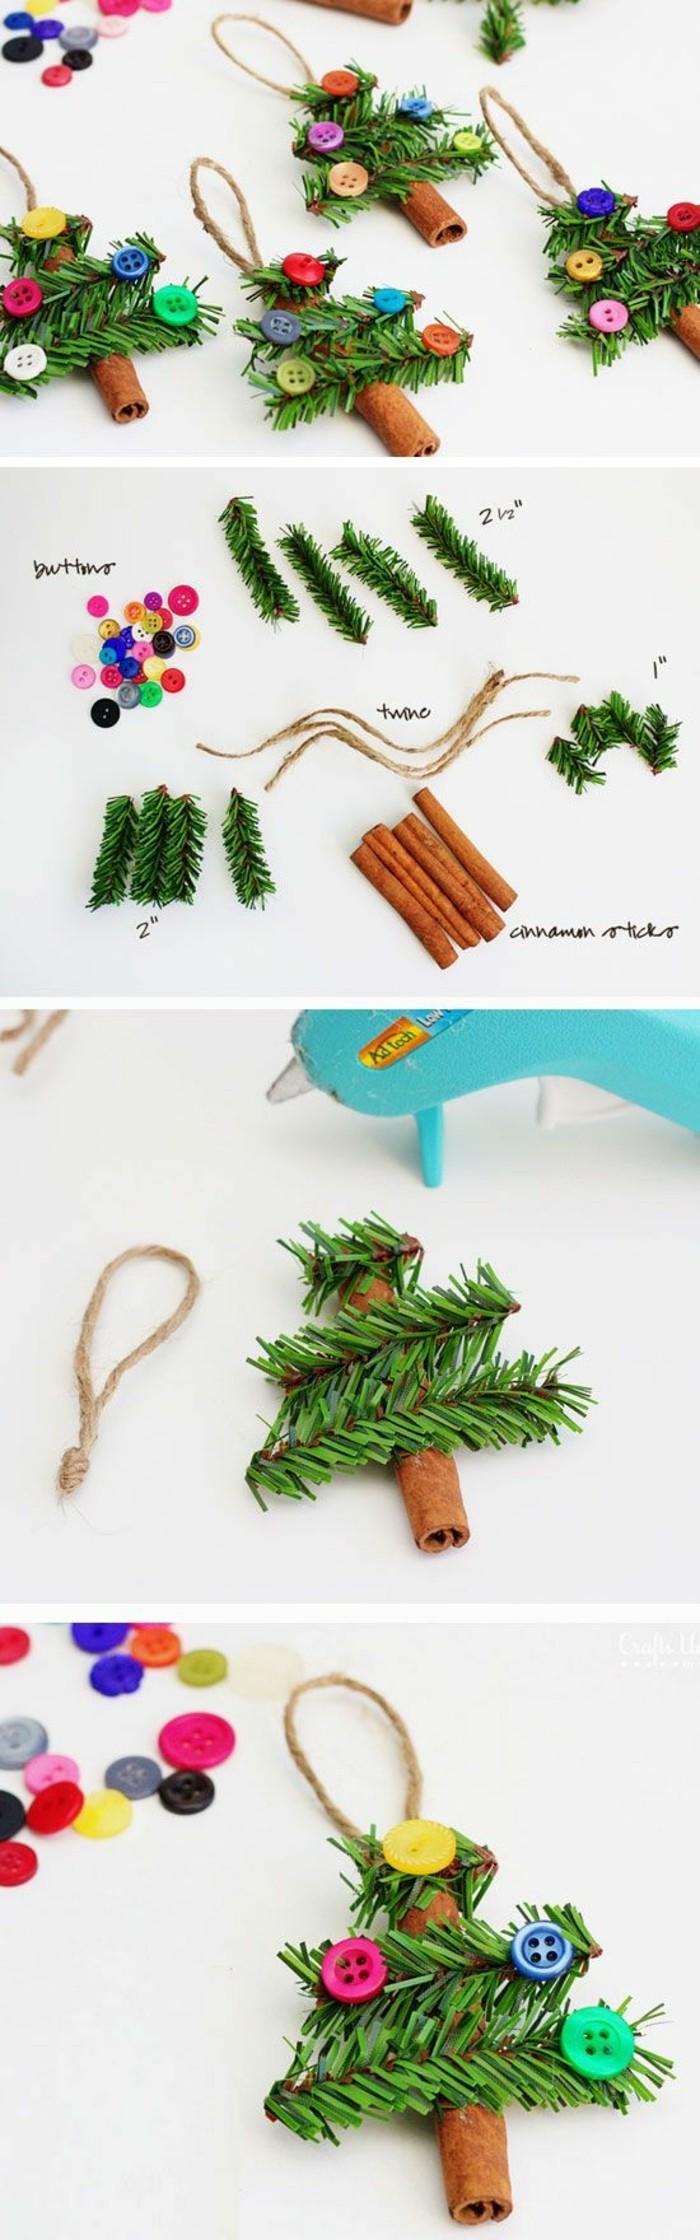 18-tannenbaum-basteln-grunen-zweigen-zimt-faden-bunte-knopfe-weihnachten